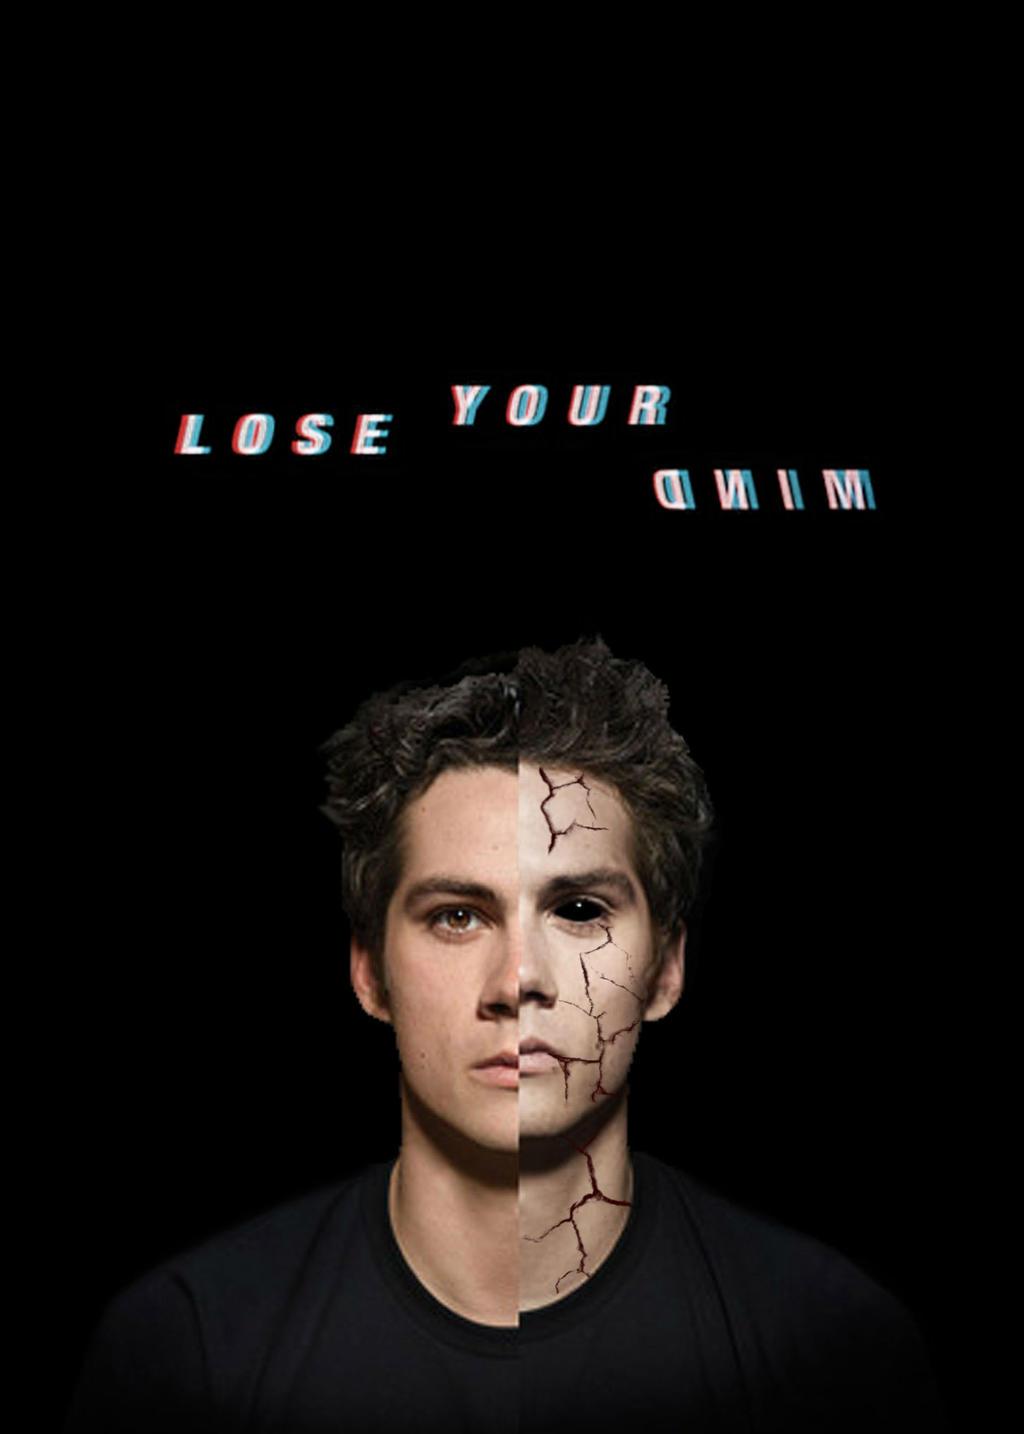 Lose Your Mind, Stiles by KandiKid15 on DeviantArt